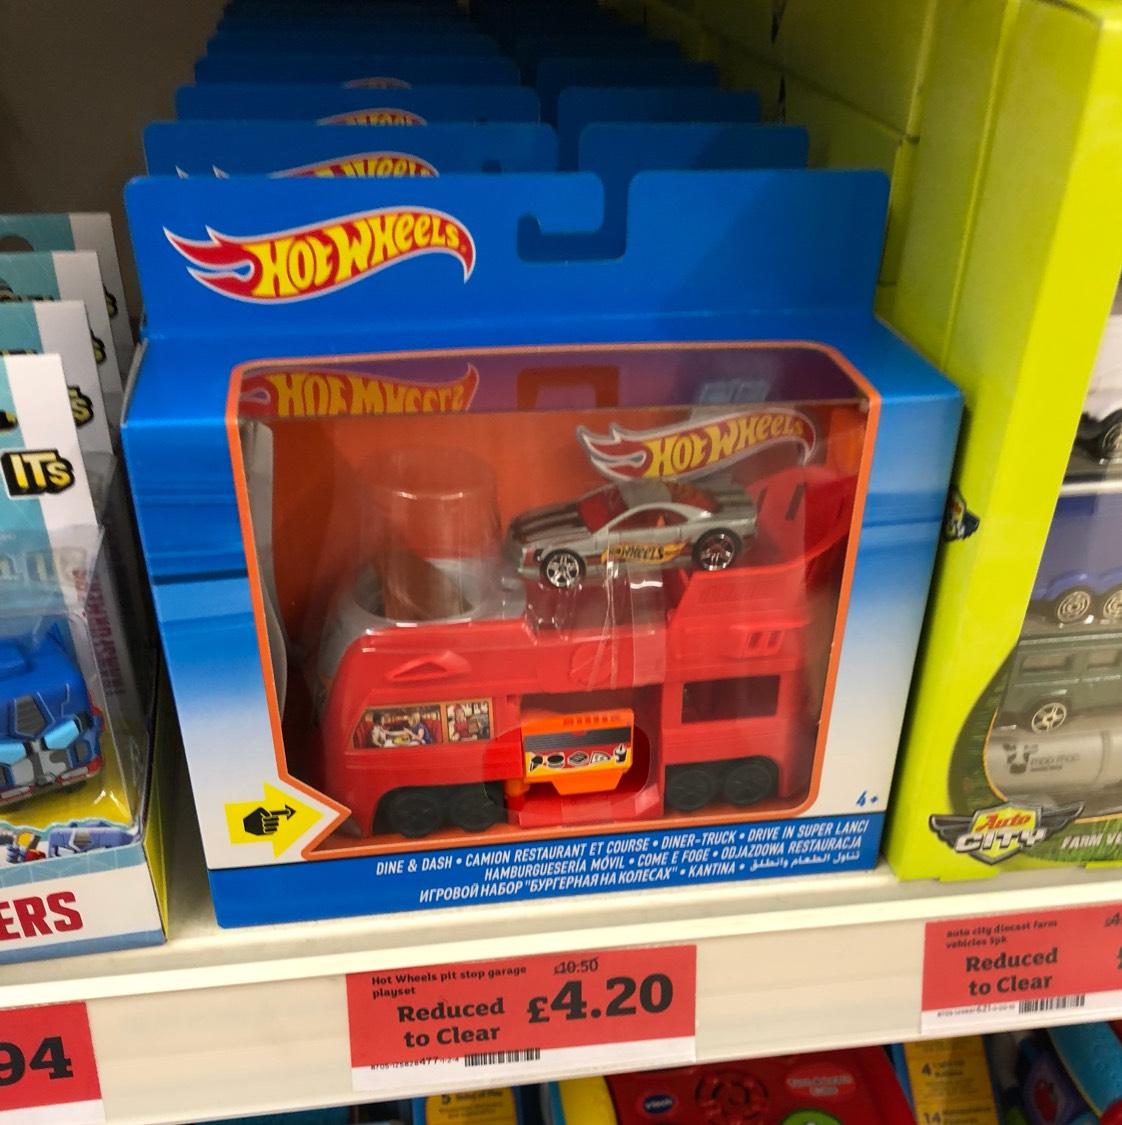 Hot wheels pitstop truck £4.20 sainsbury's instore